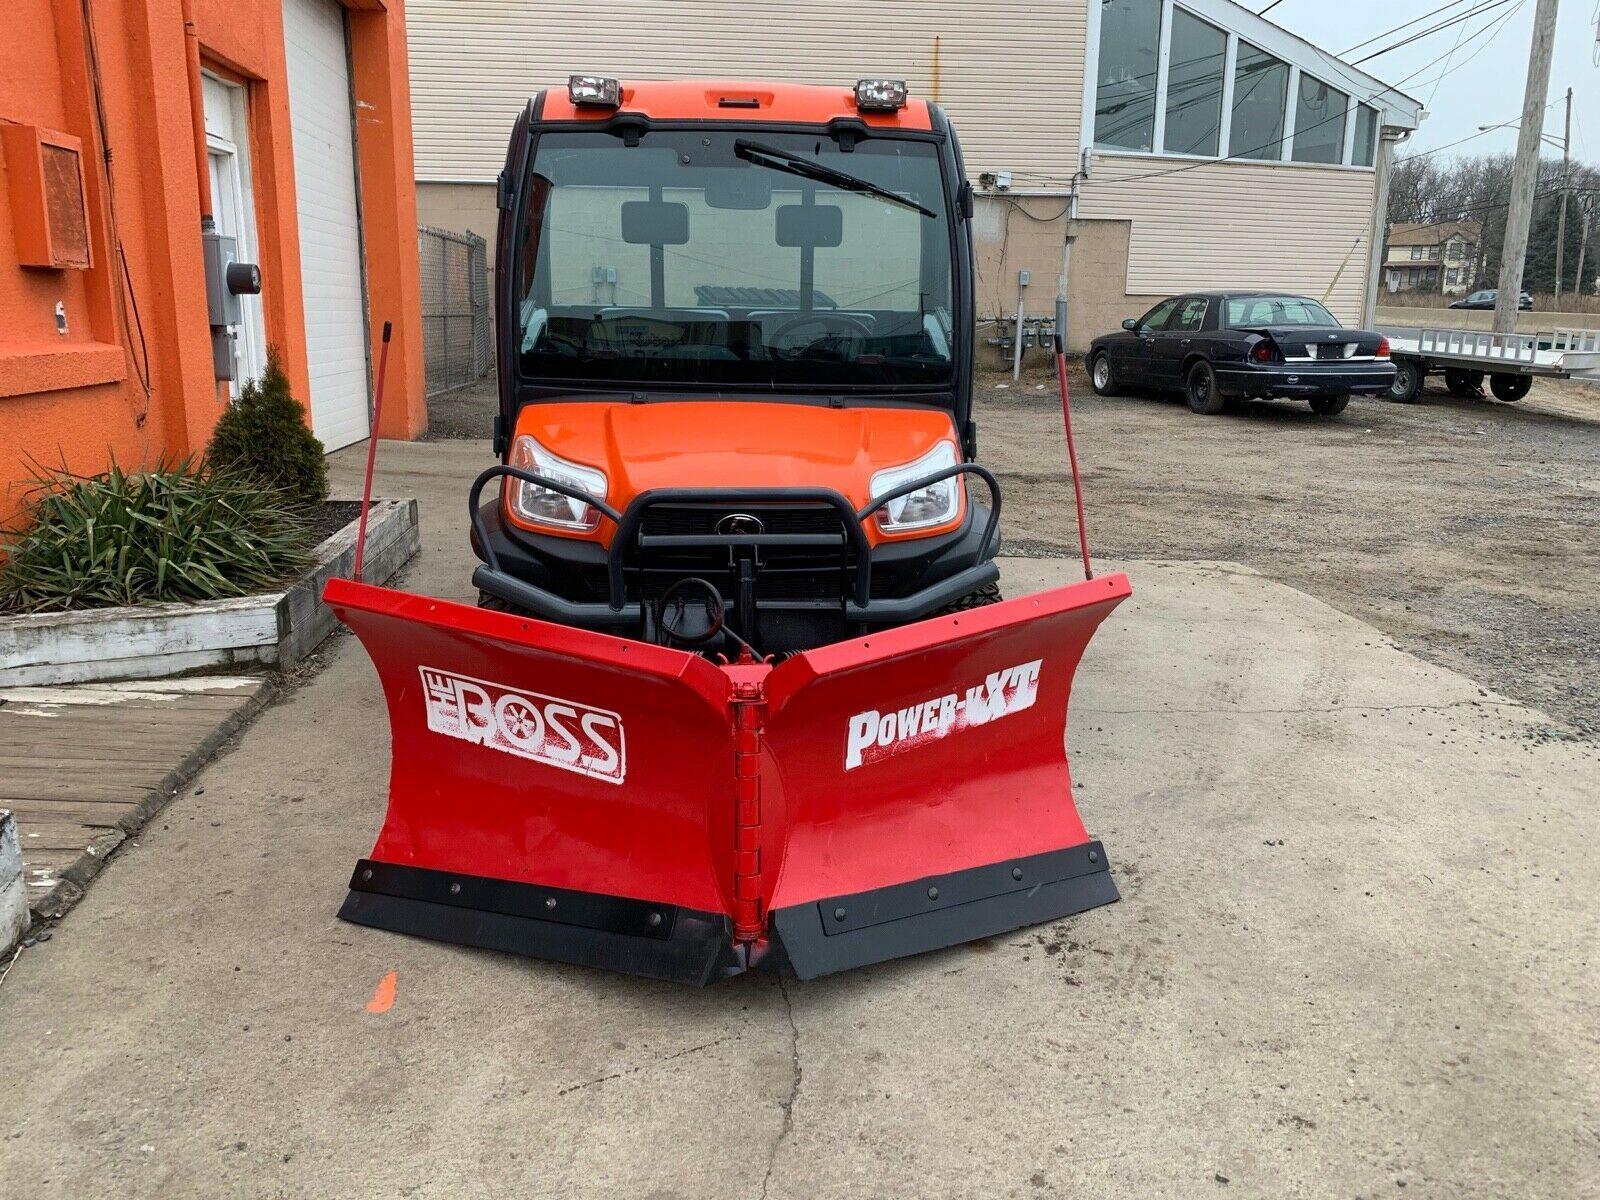 Geladener Kubota RTV X1100C 4x4 Orange Arbeitsbereich BOSS V Hydraulikpflug, AC / HEAT